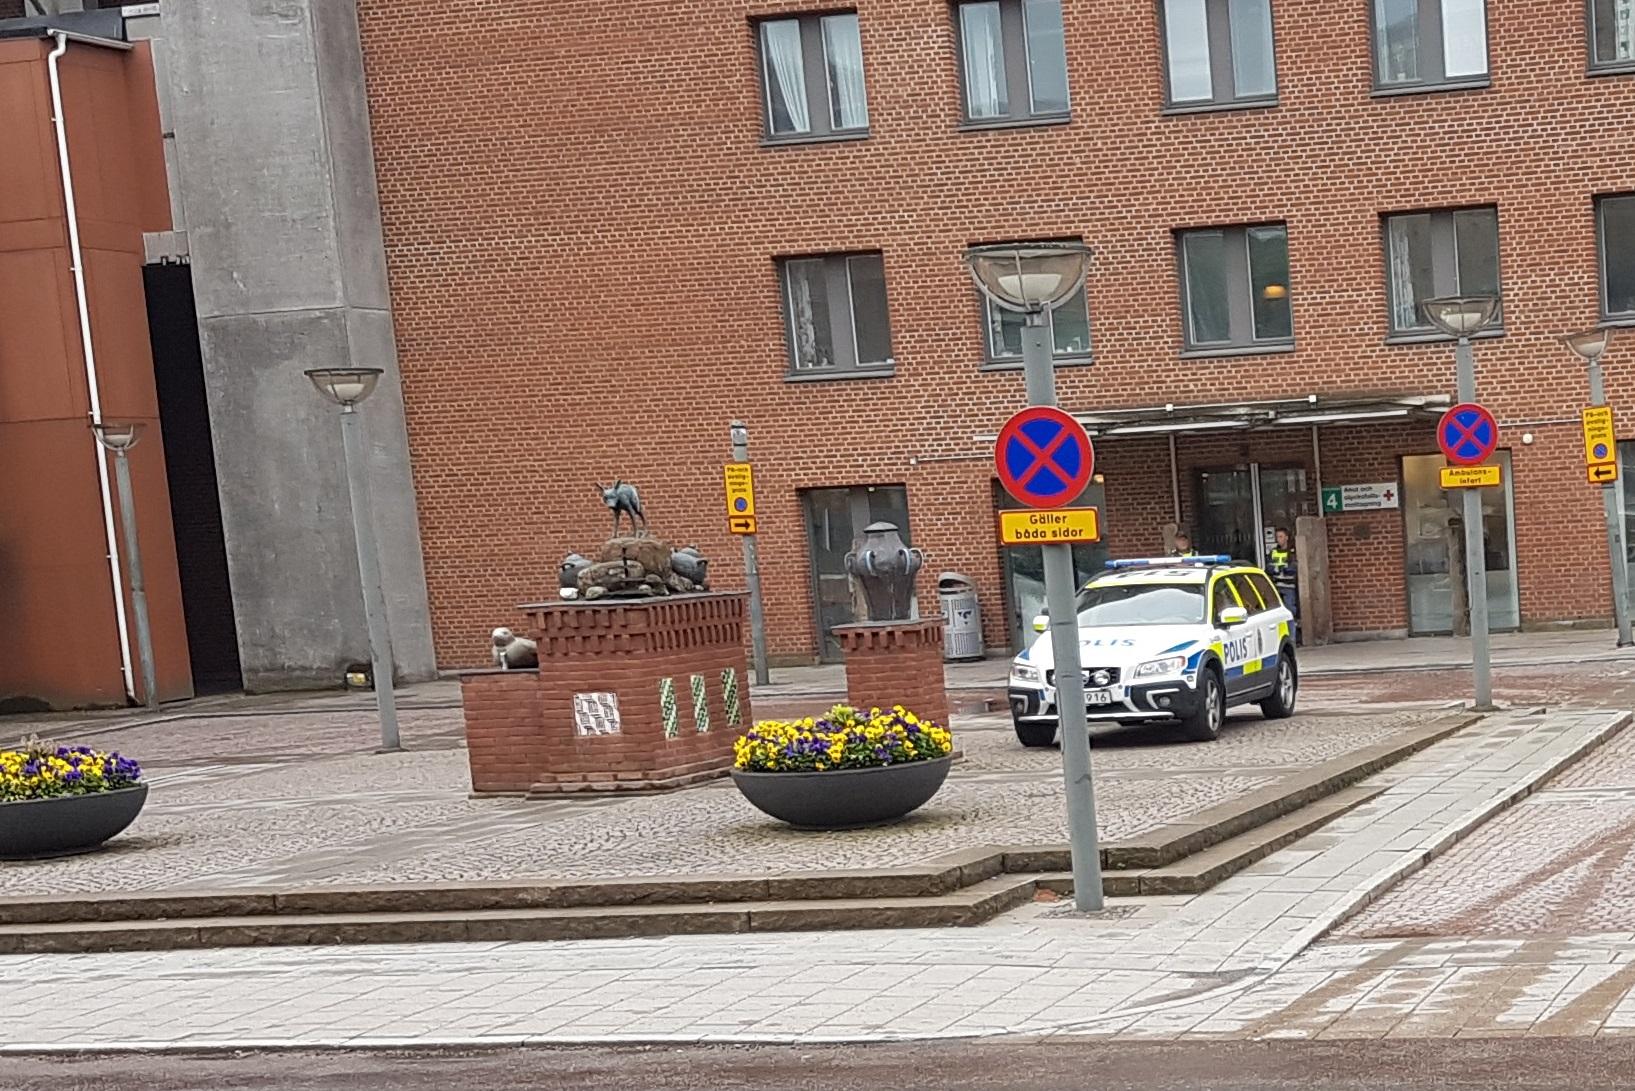 Polisen skjutningen i goteborg ar gangrelaterad